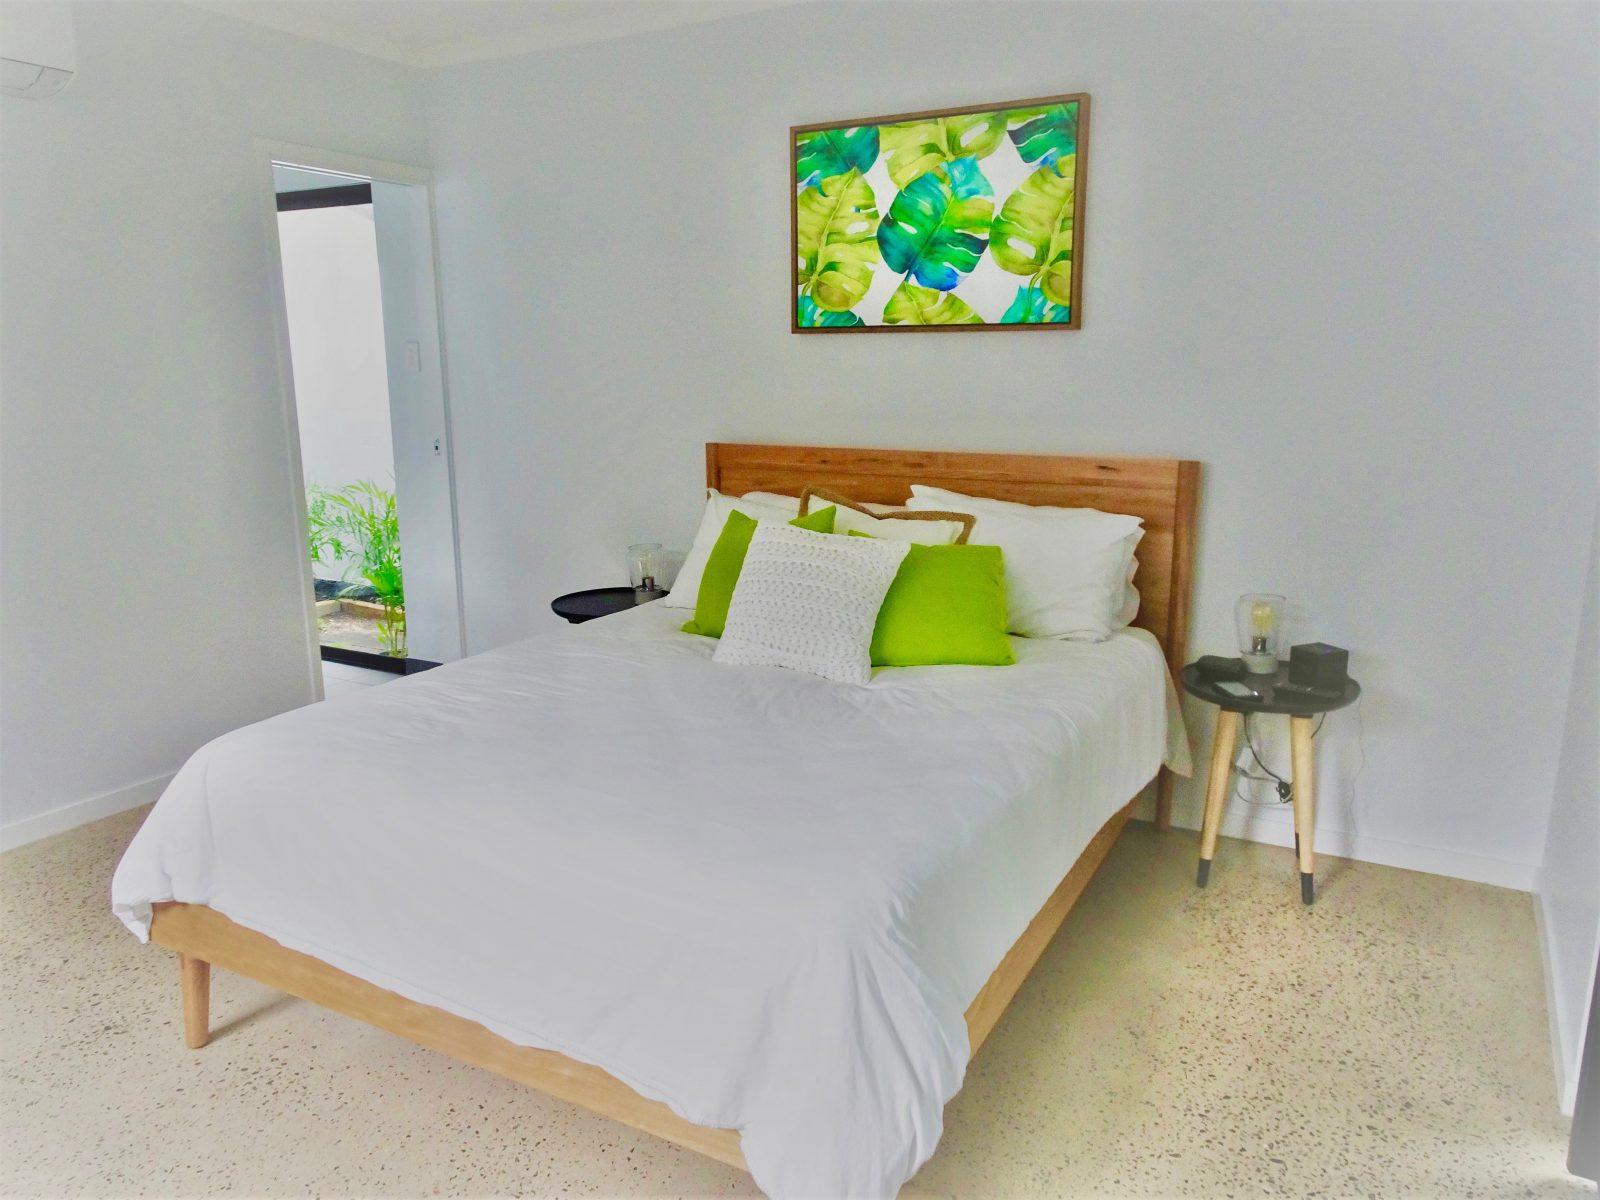 Main bedroom showing queen bed